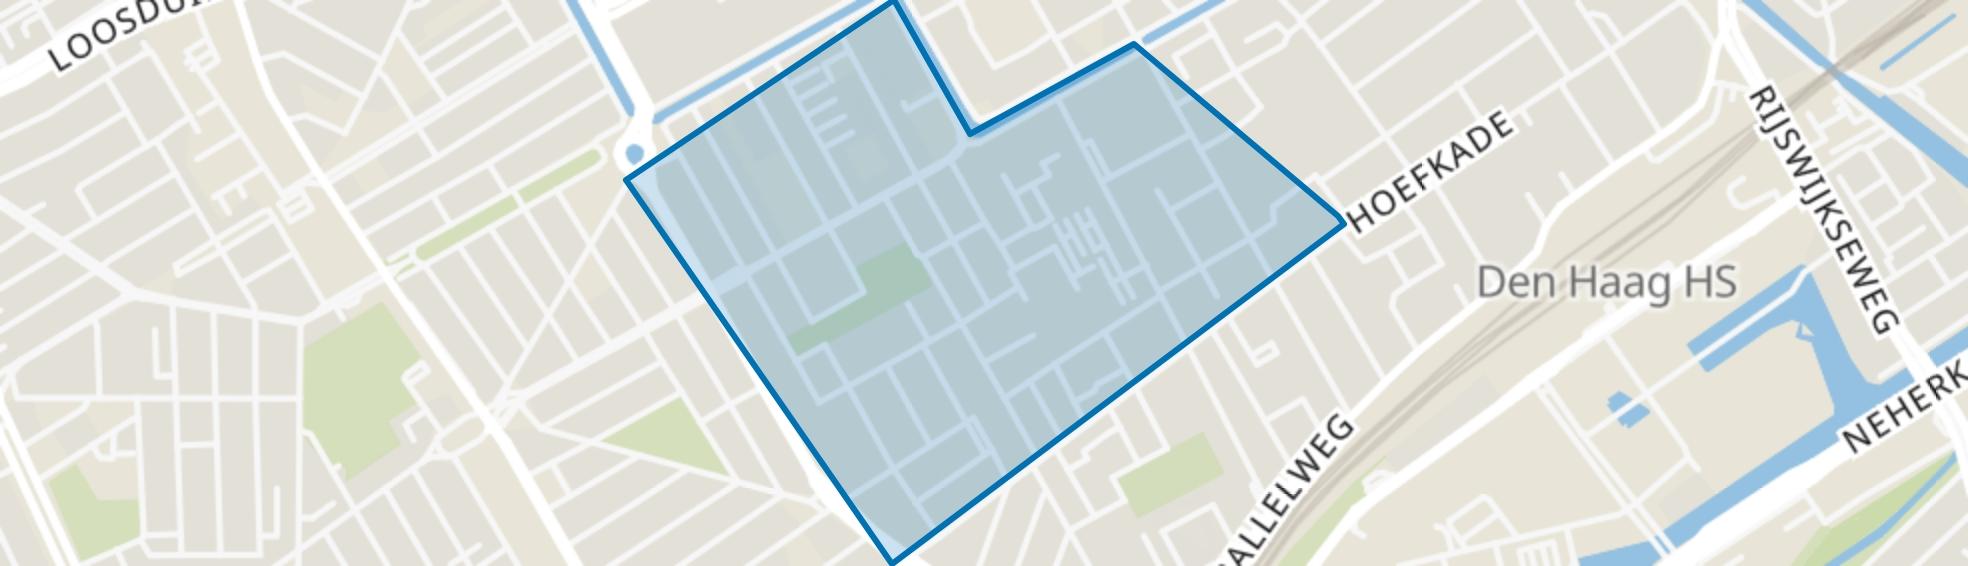 Schildersbuurt-Noord, Den Haag map